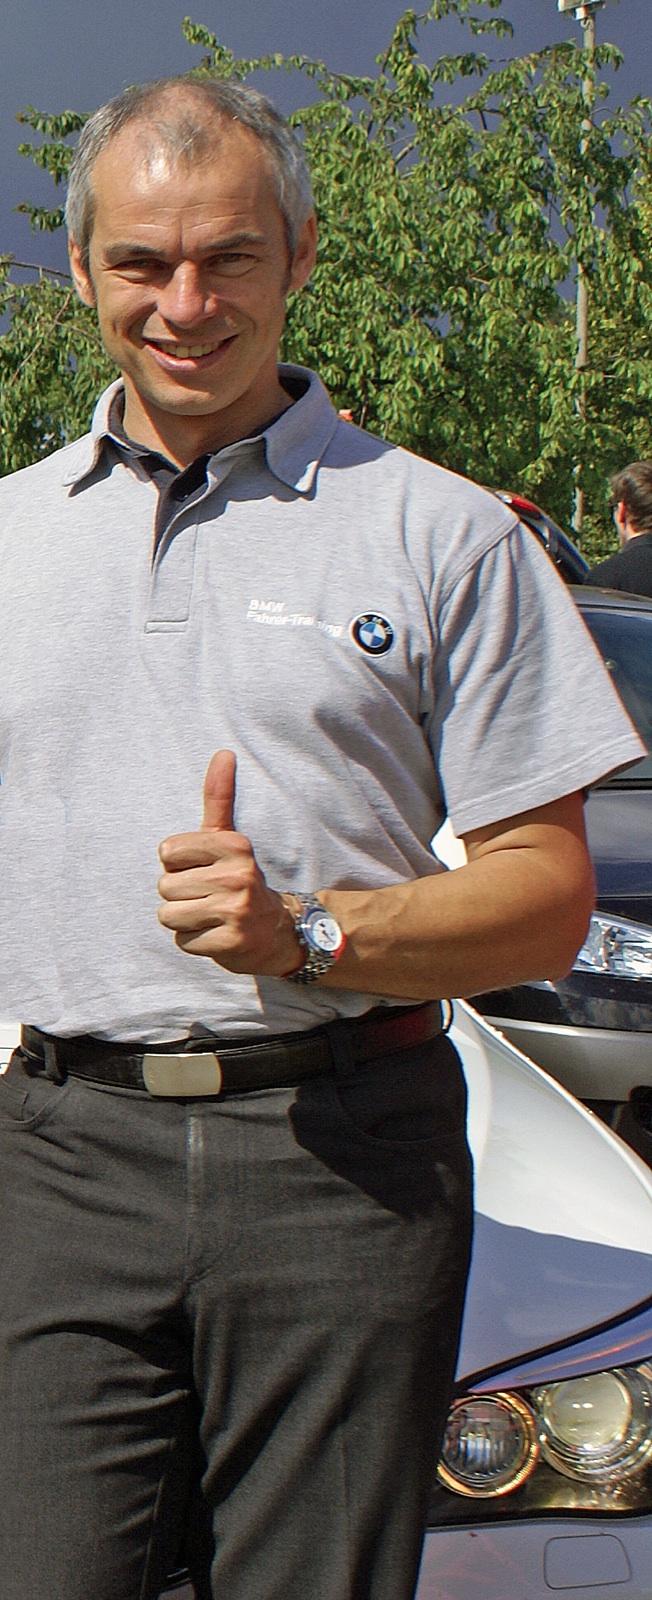 Bernd0001